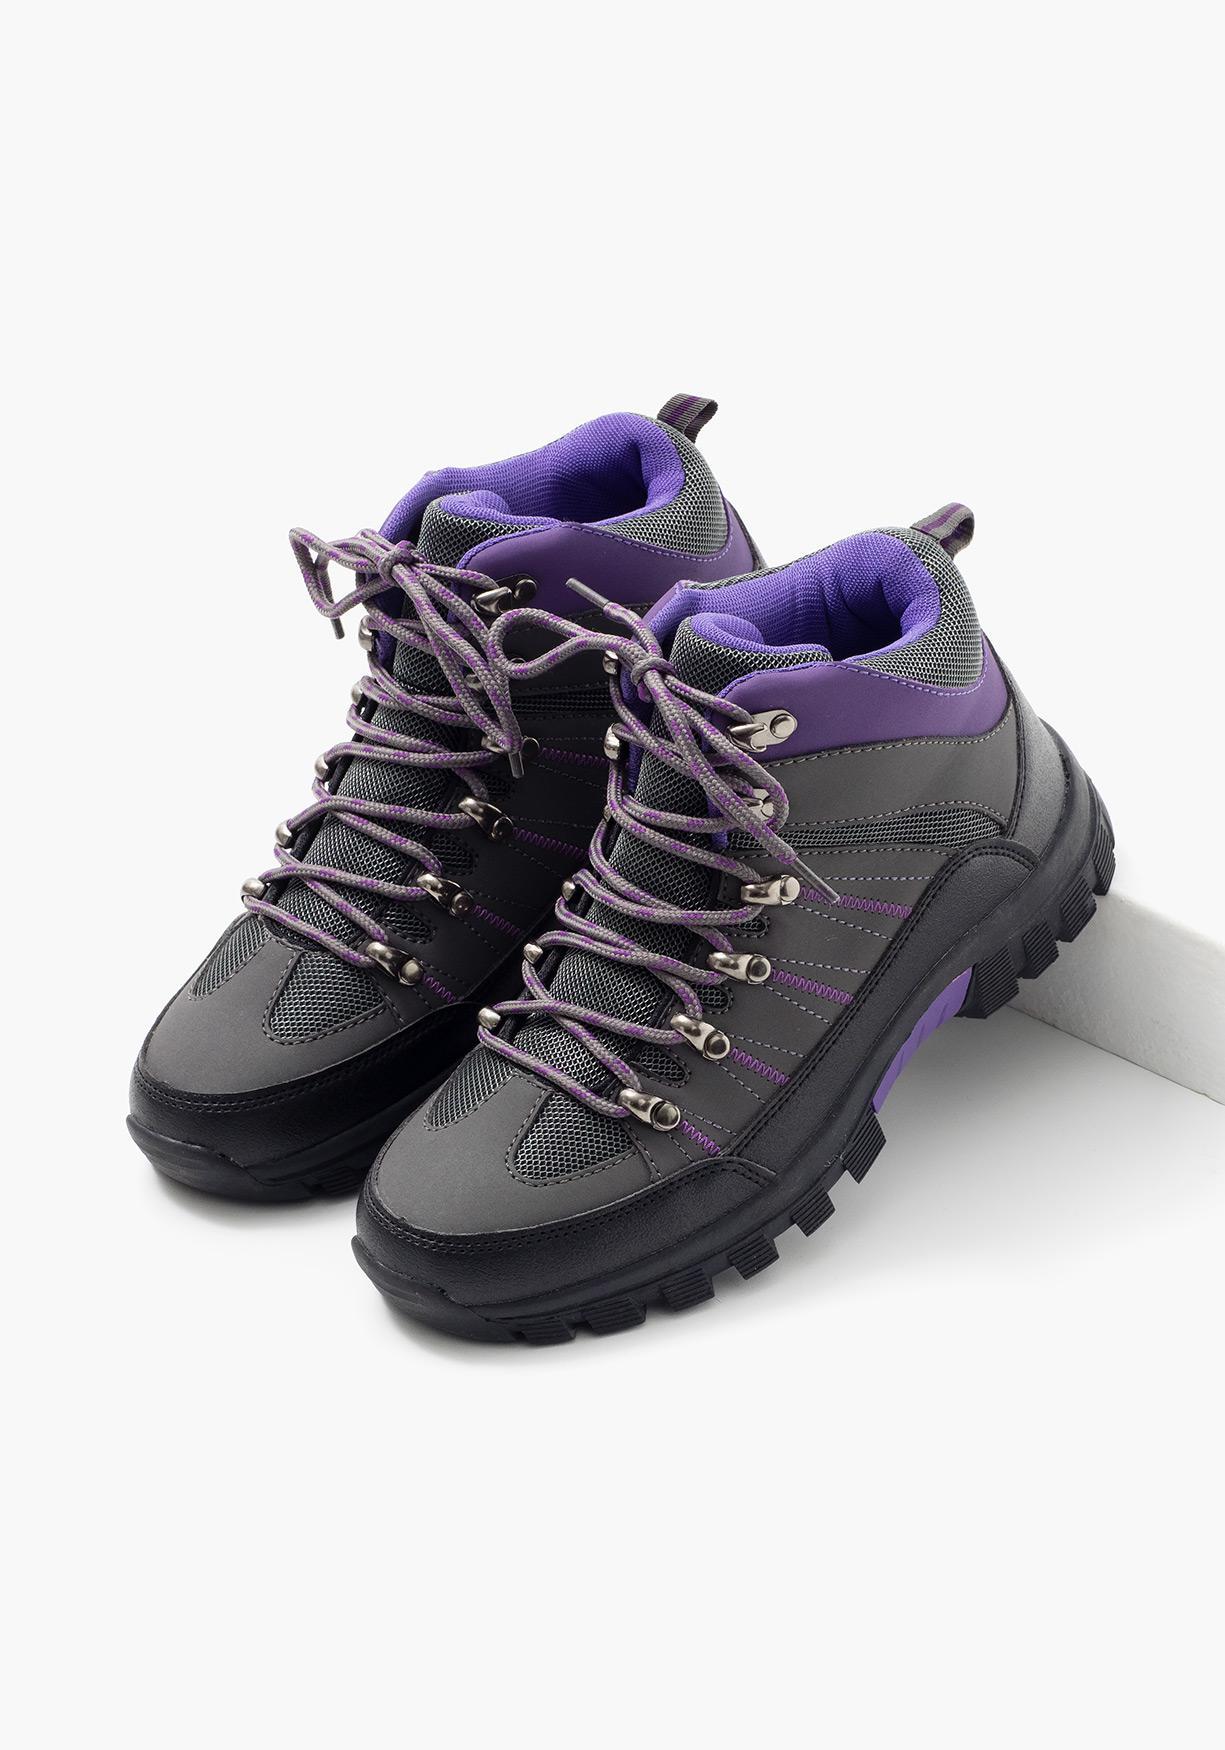 da6cf6b2b59 Comprar Botas de trekking TEX. ¡Aprovéchate de nuestros precios y ...